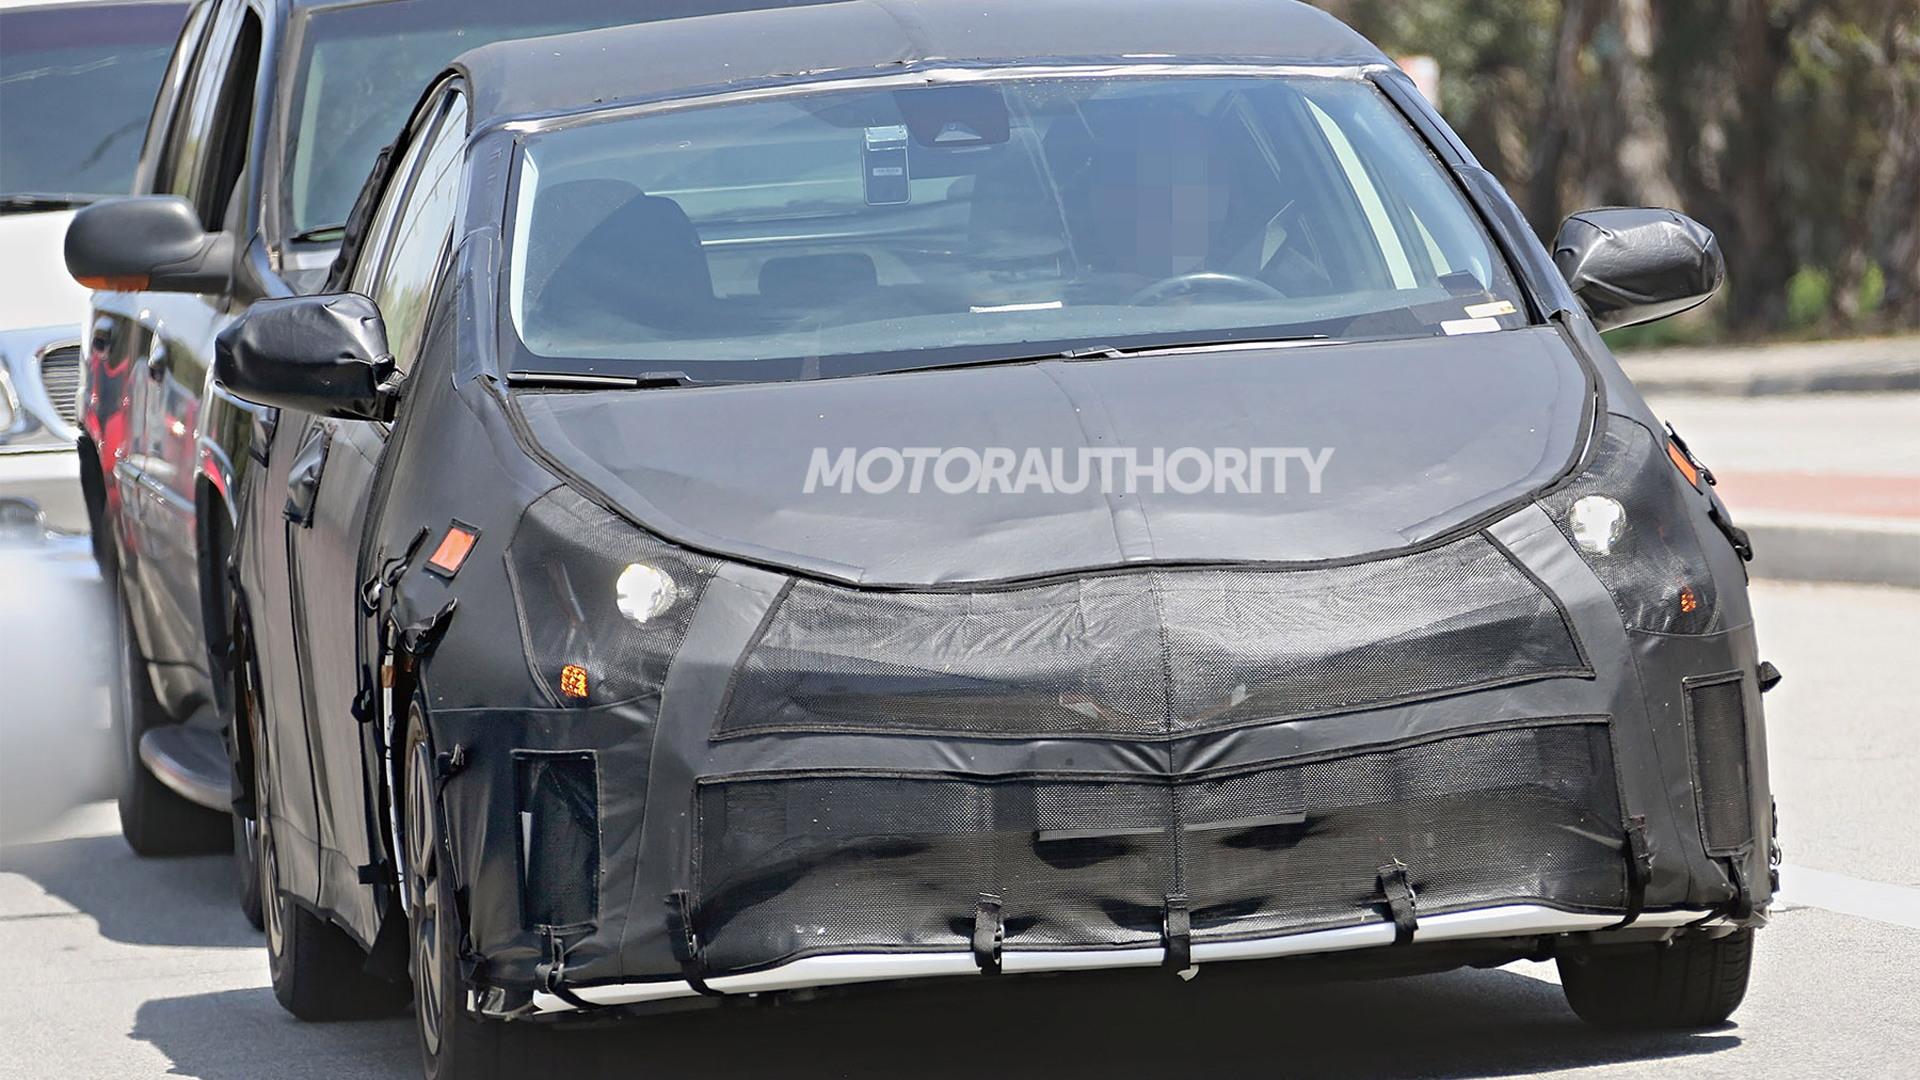 2016 Toyota Prius spy shots - Image via S. Baldauf/SB-Medien